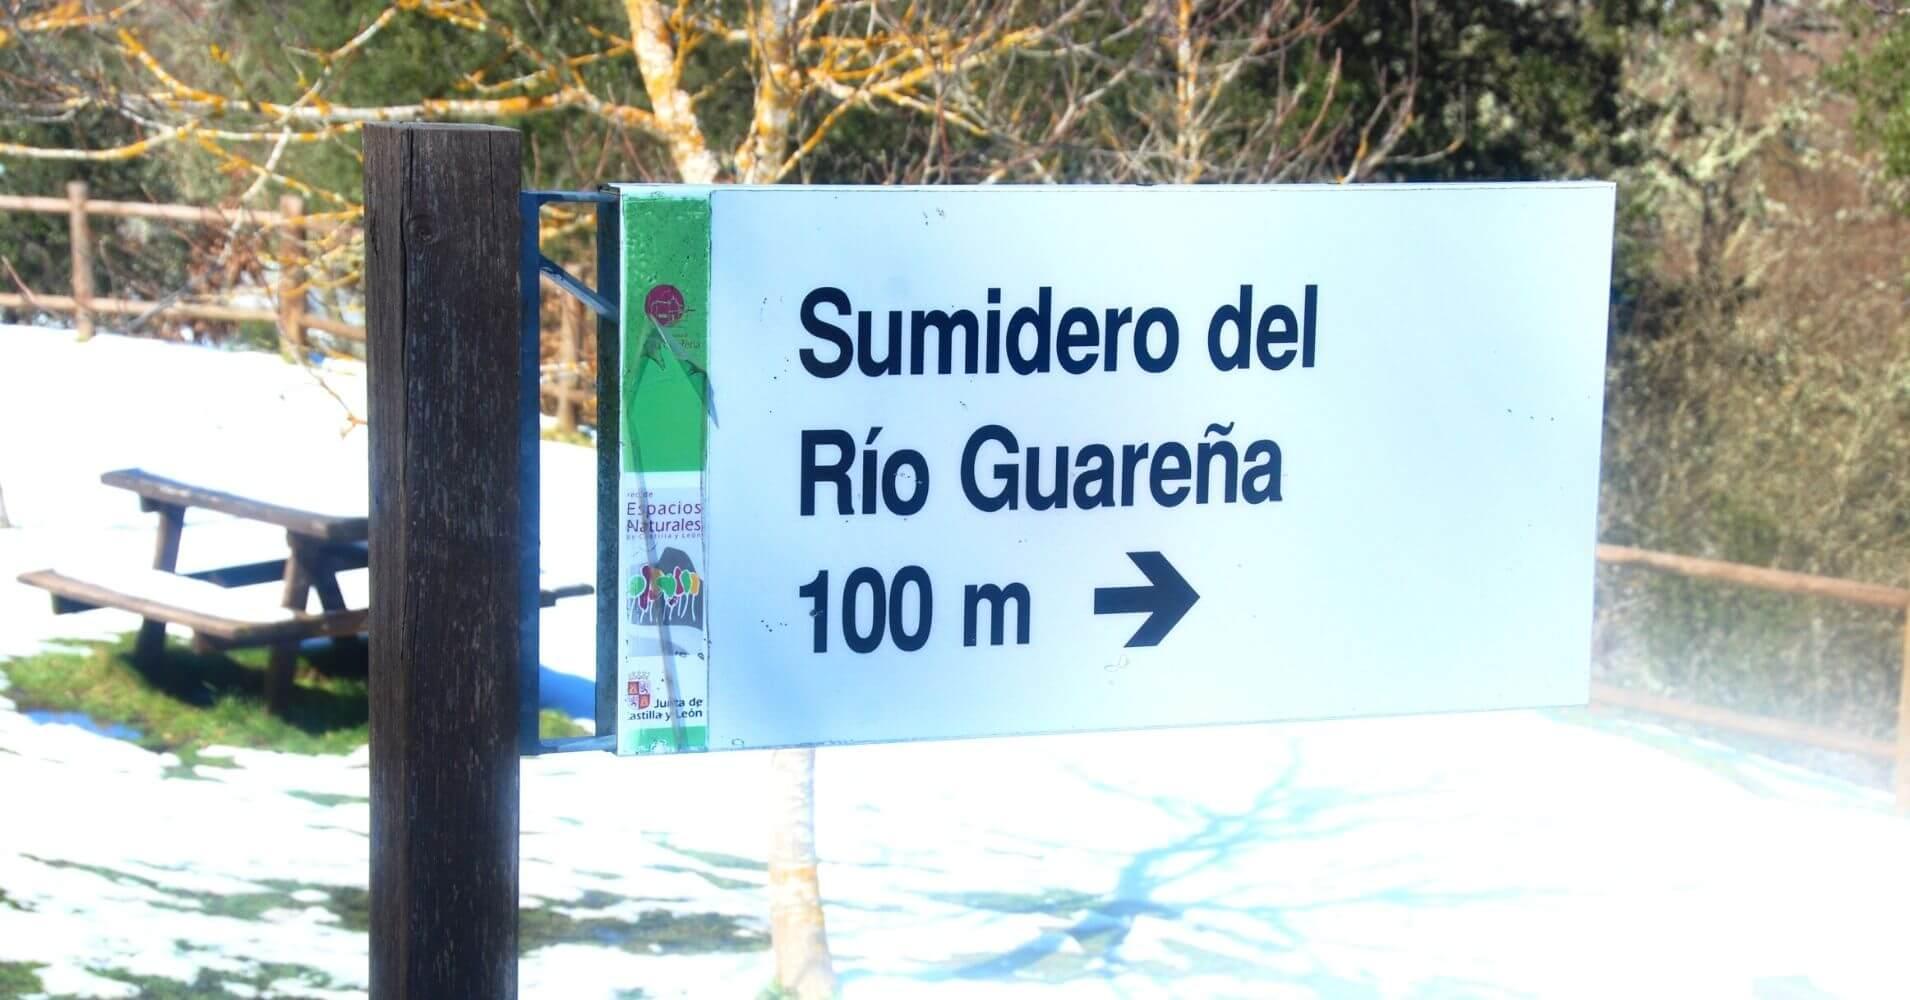 Panel de Información del Sumidero de Ojo Guareña. Las Merindades. Burgos, Castilla y León.